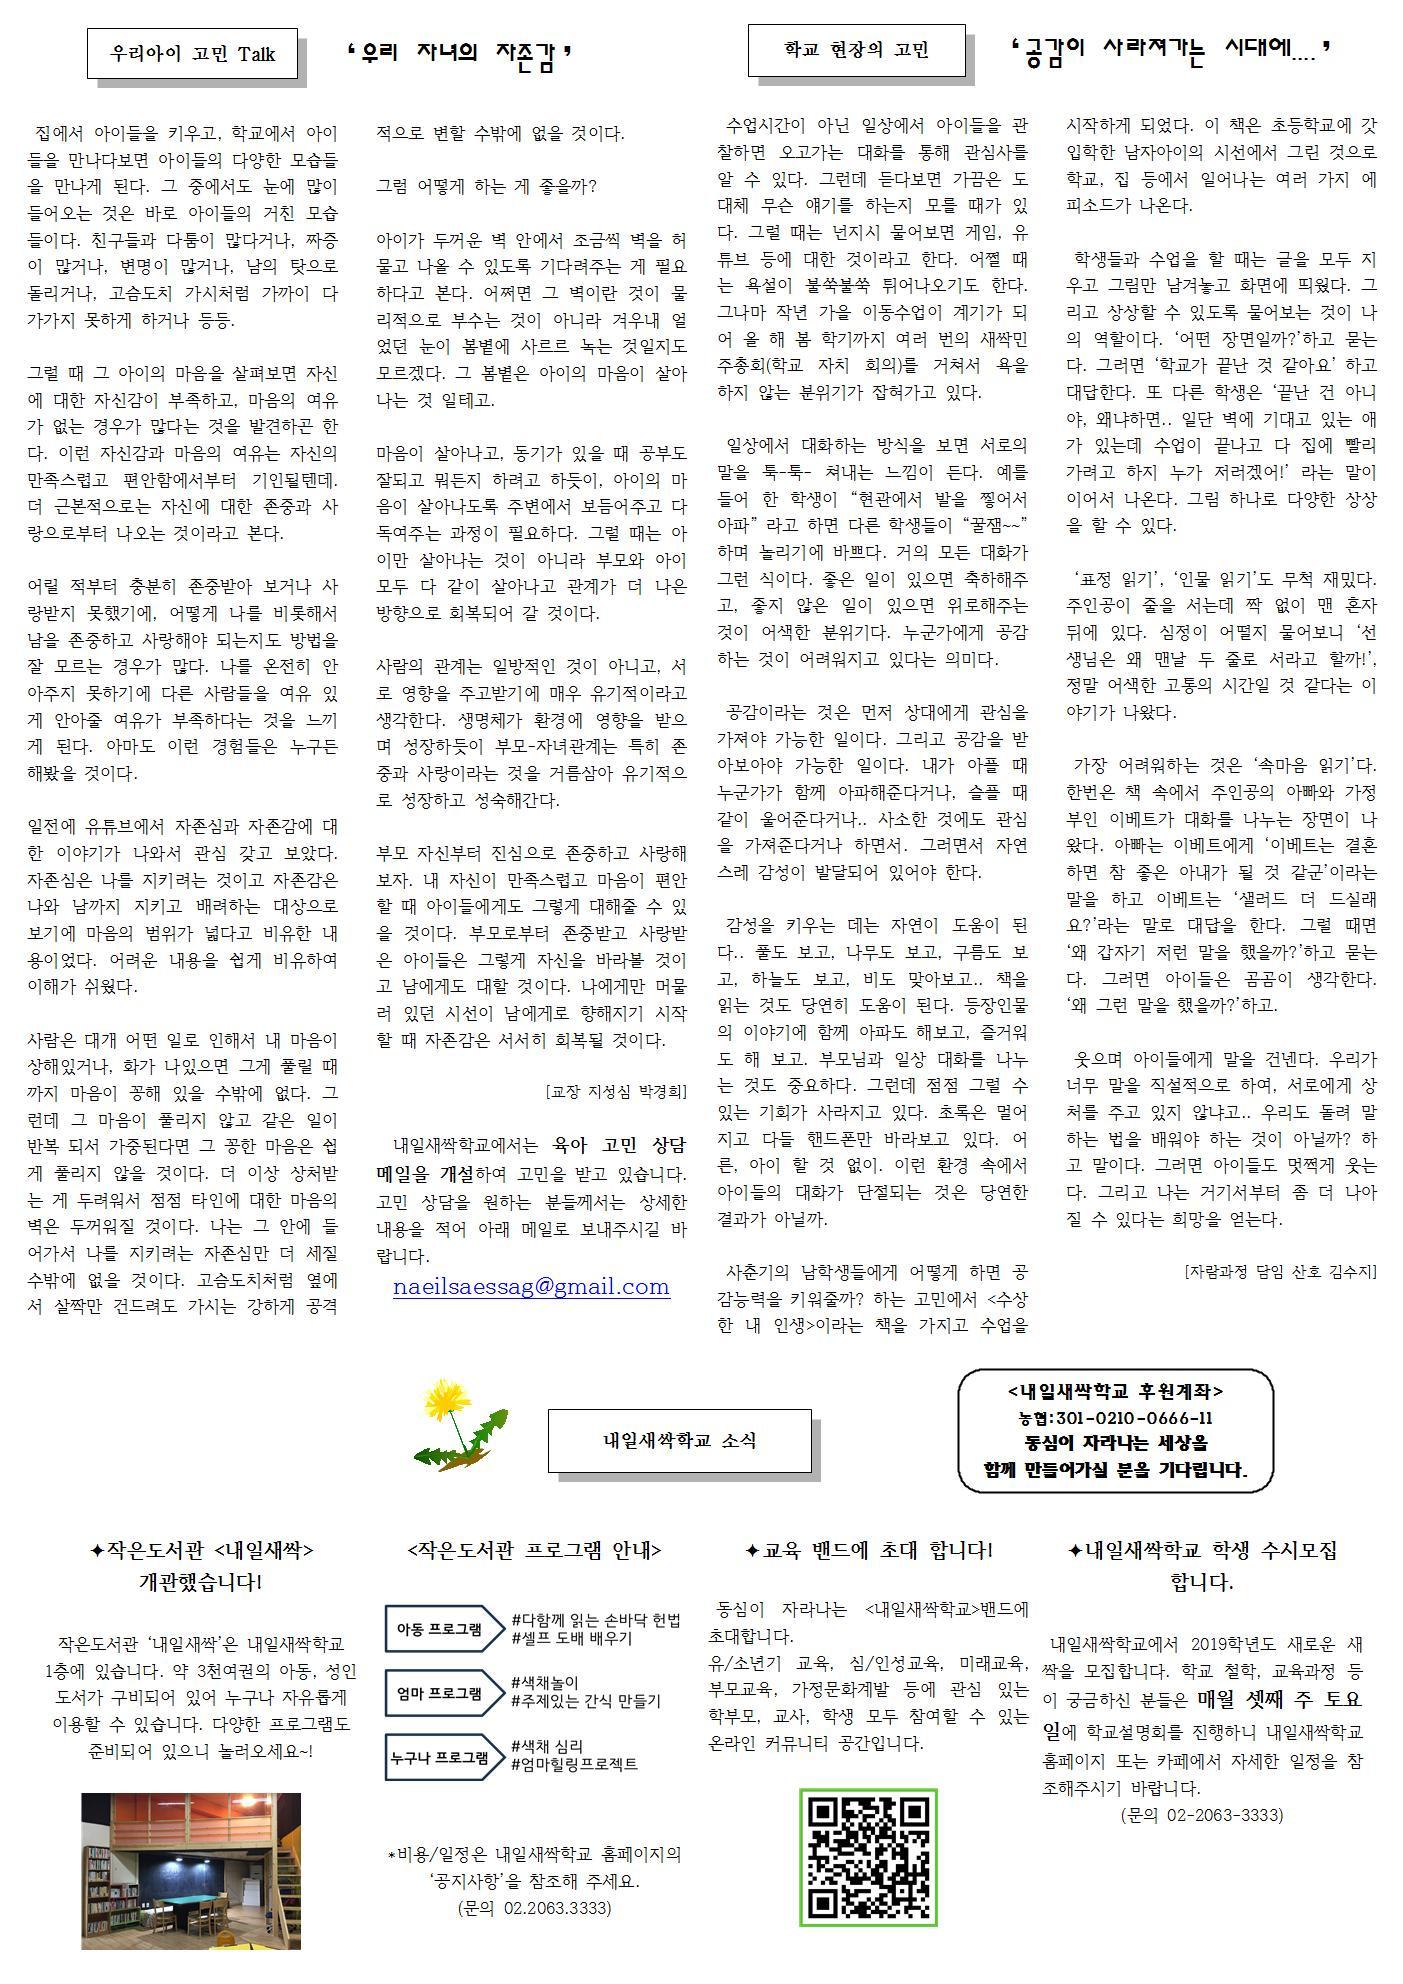 내일새싹저널(내일새싹학교) 여름호 002.jpg